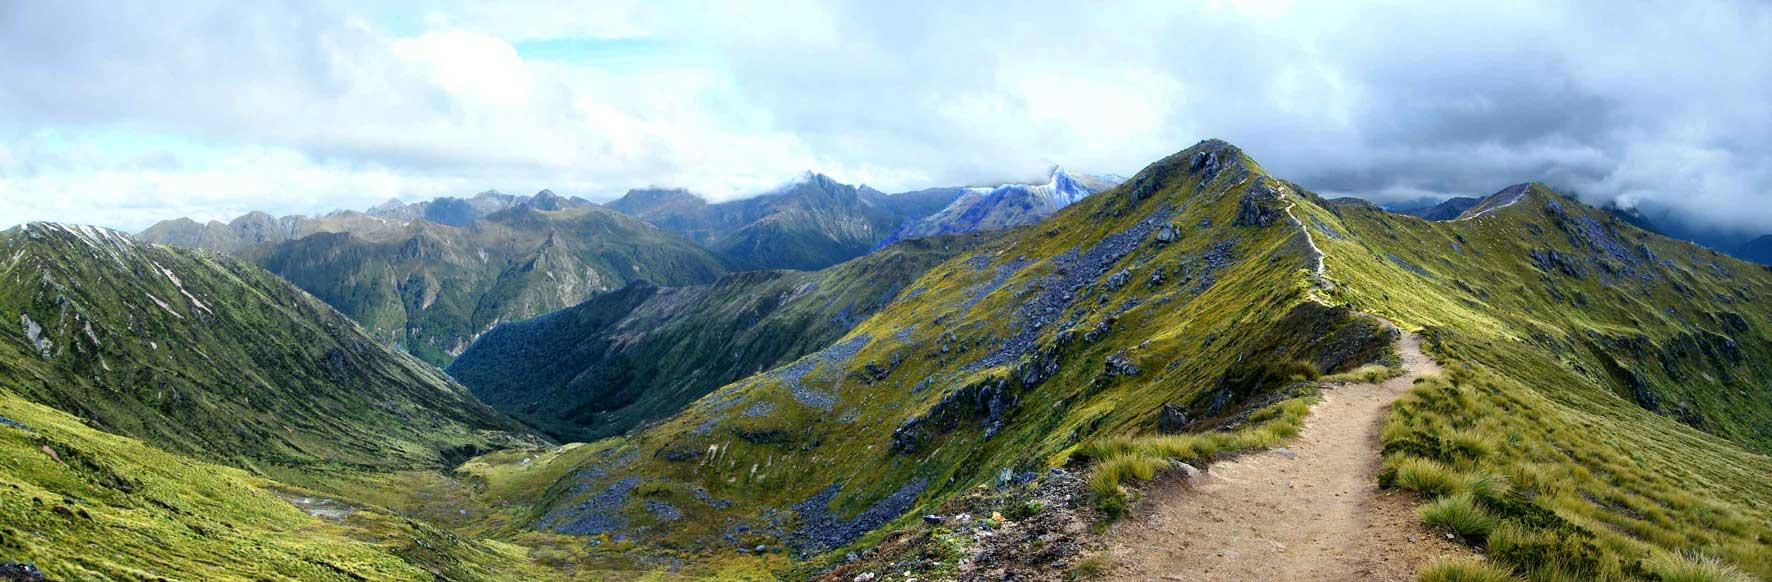 Iris Hut Nový Zéland